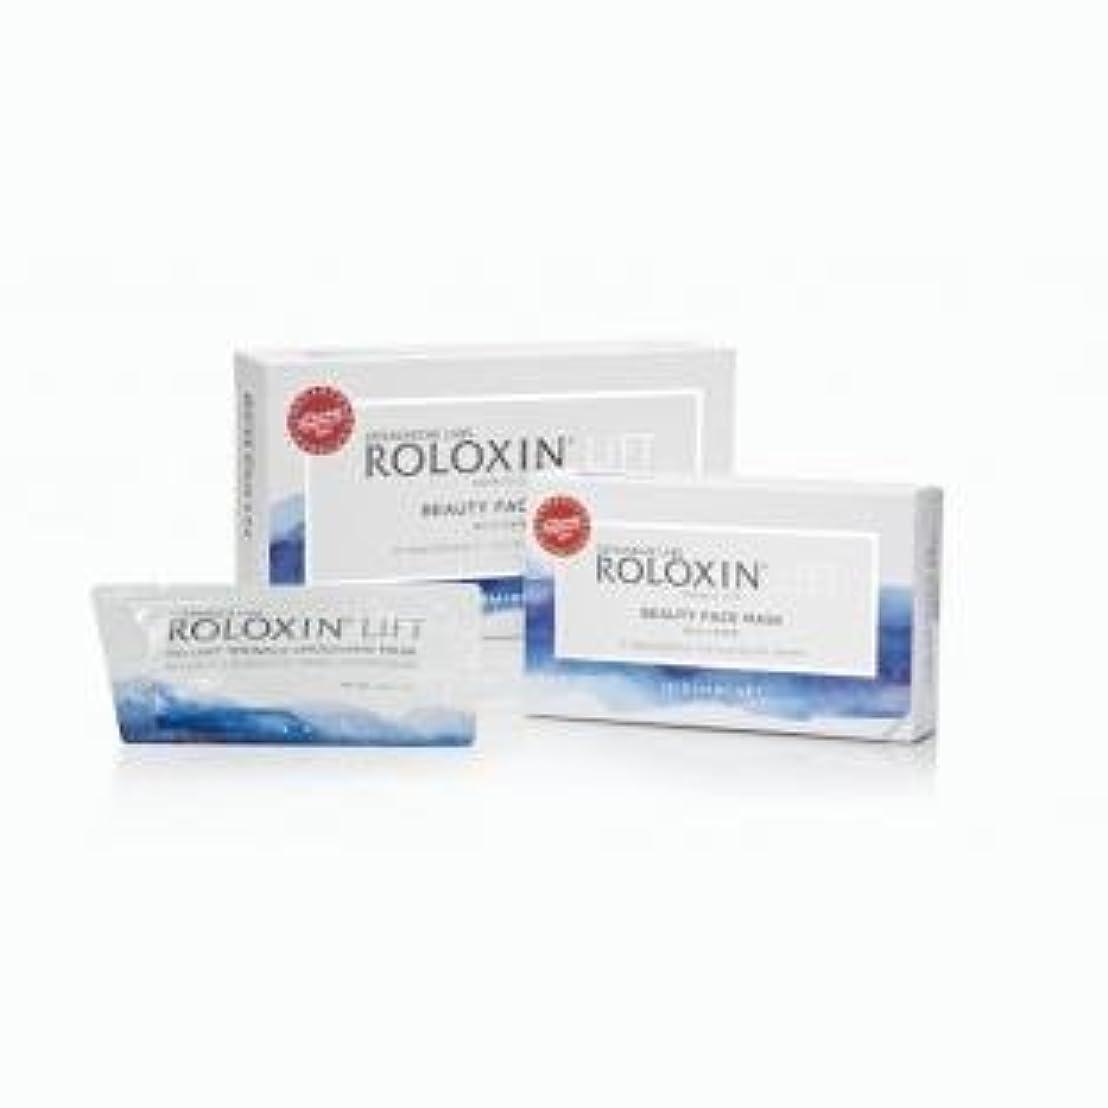 メキシコ芸術的栄光のROLOXIIN LIFT(ロロキシン リフト) 5個パック